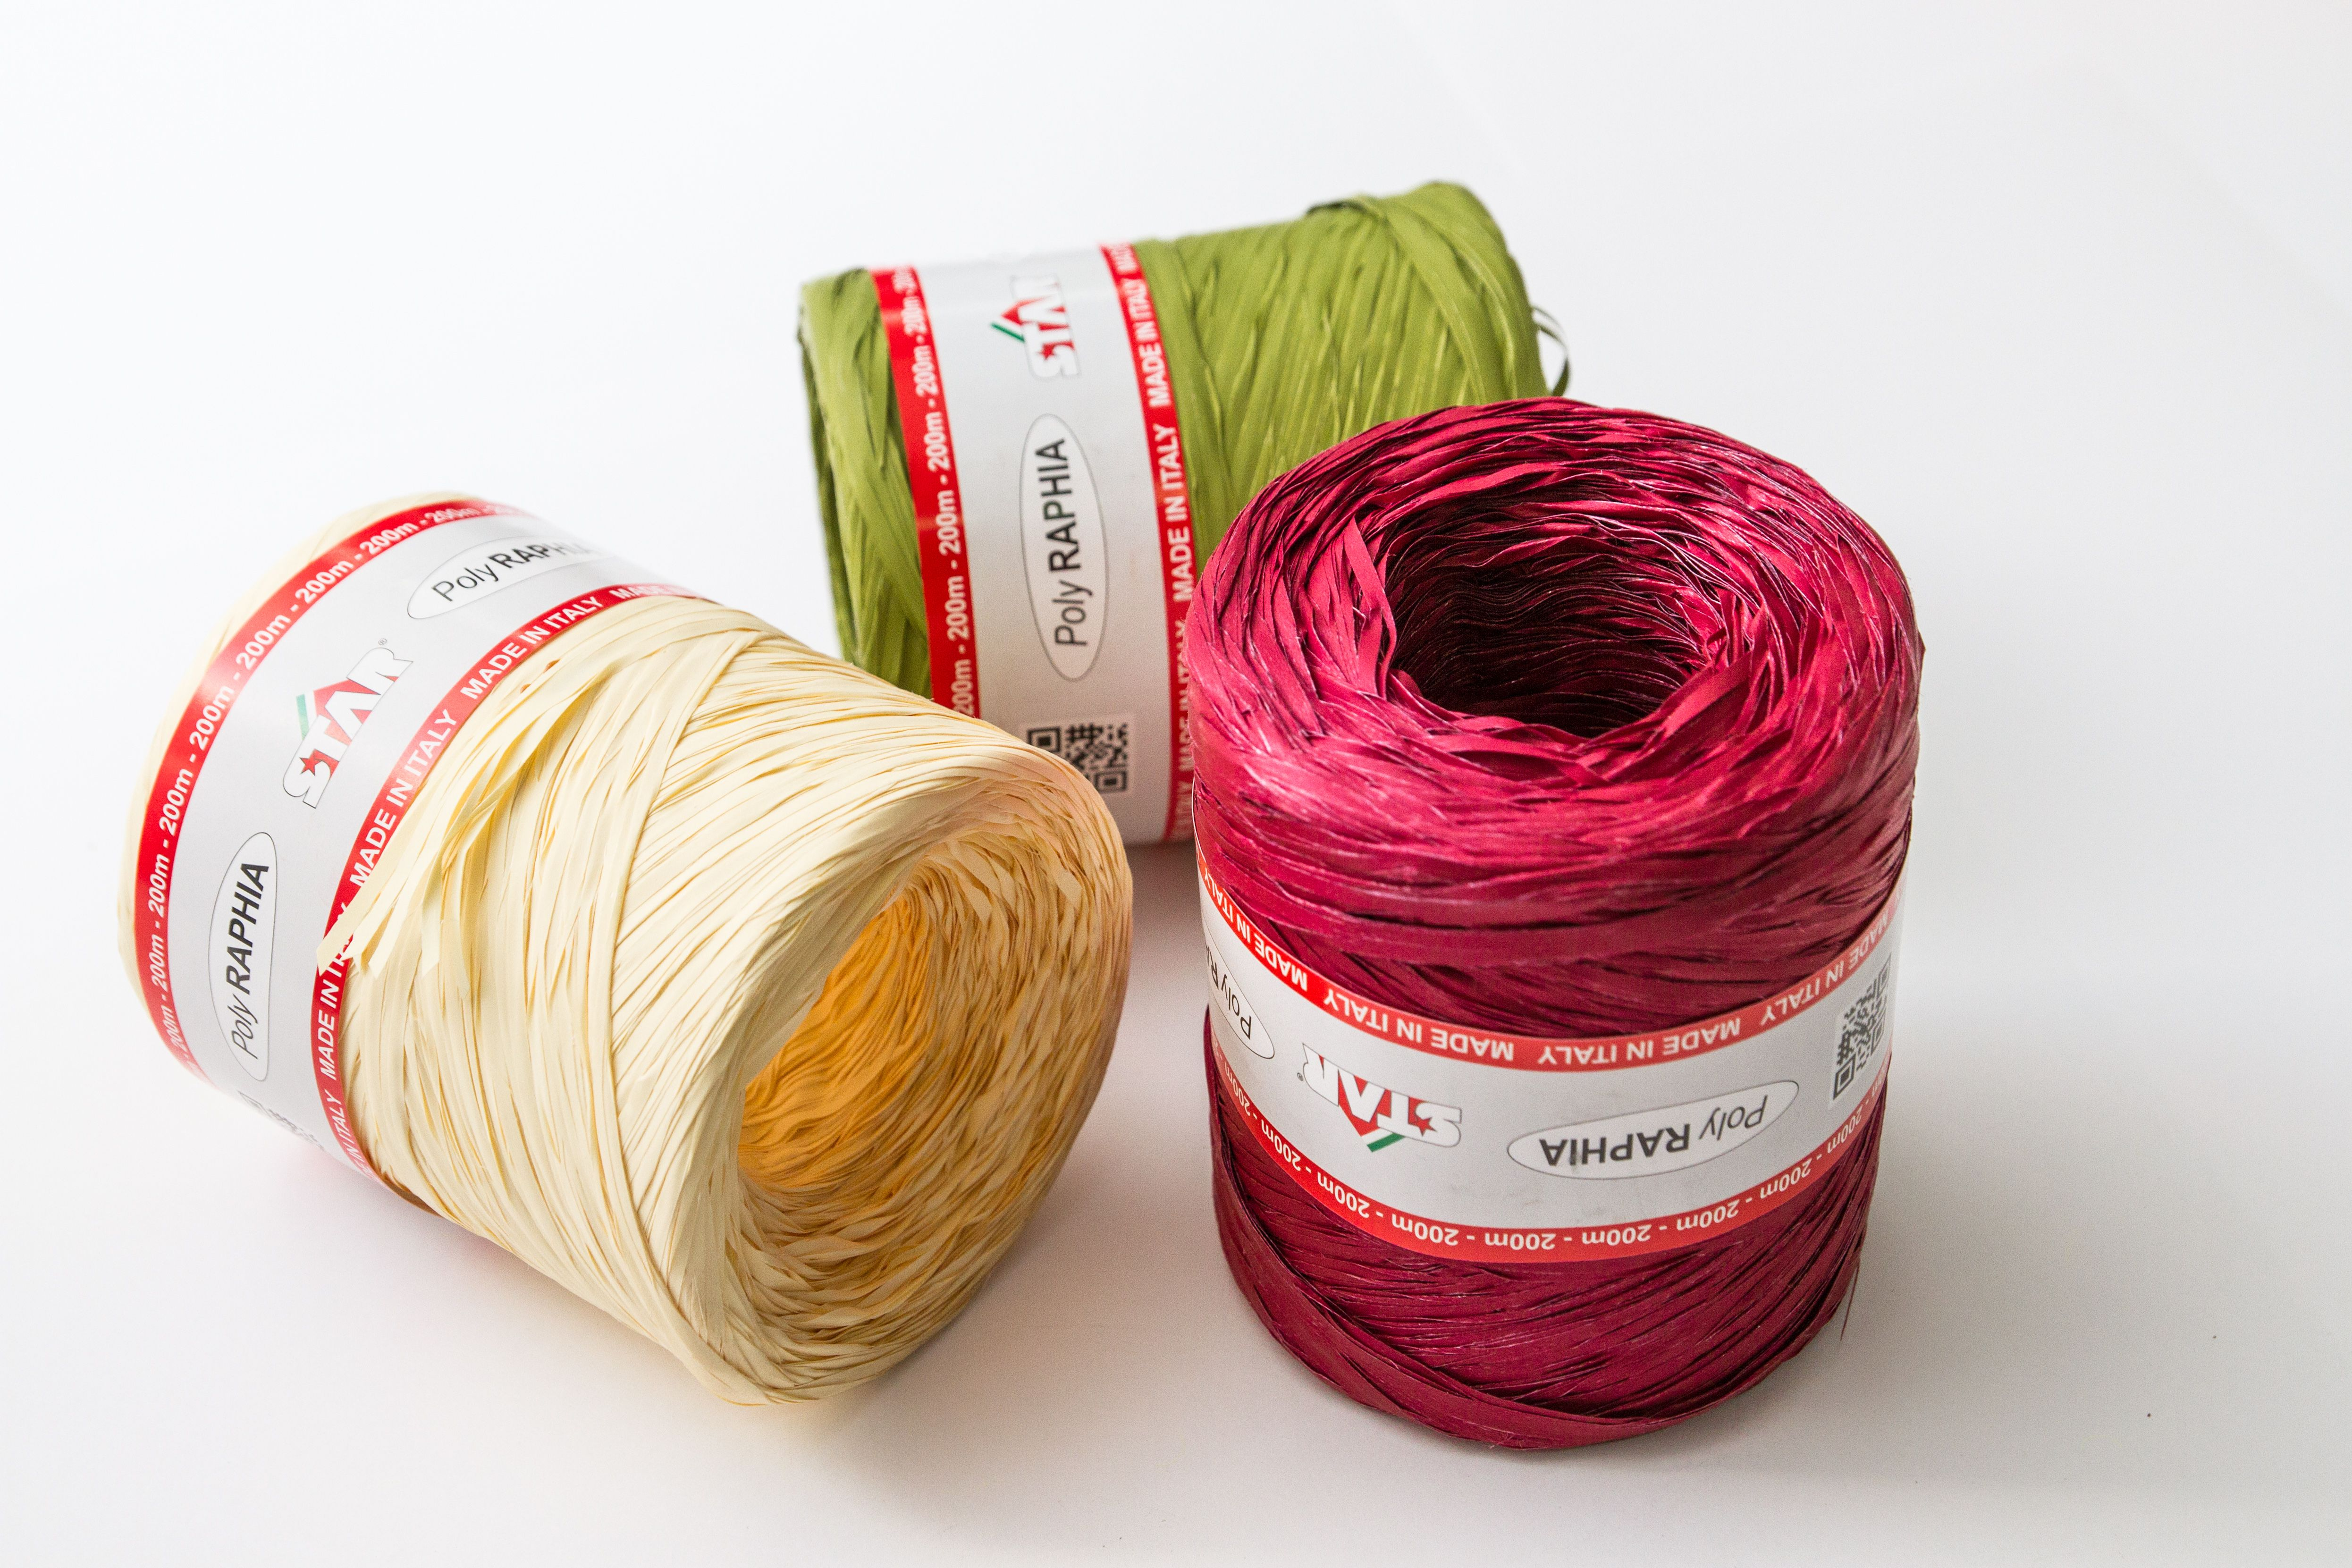 Cintas para embalar de diferentes texturas y colores